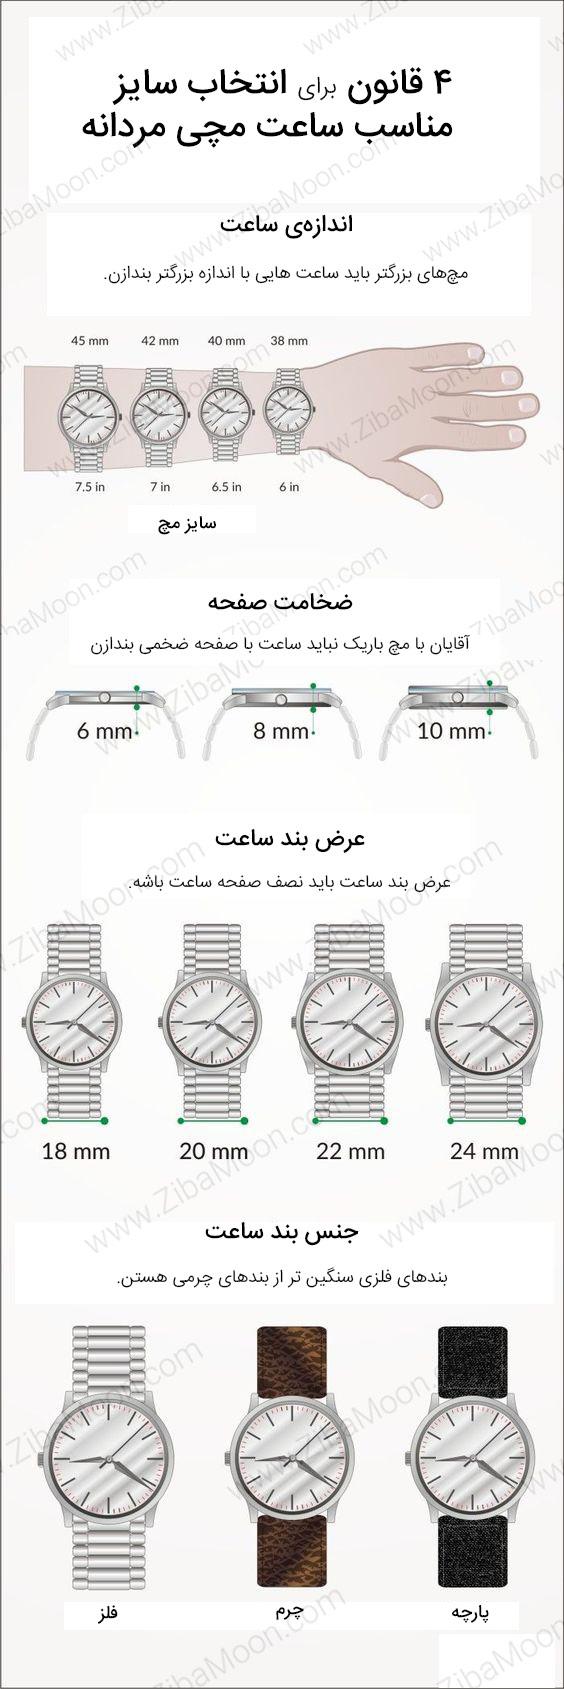 اینفوگرافی ساعت مچی مردانه